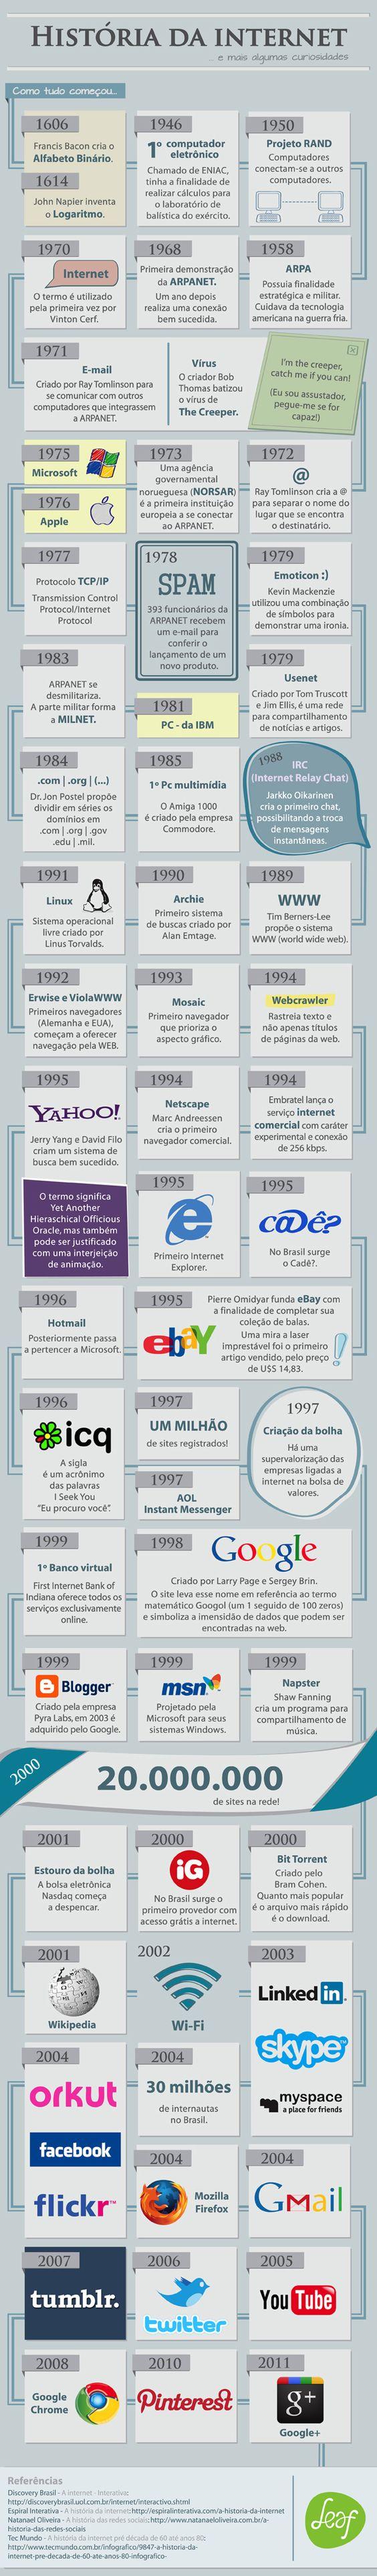 Infográfico conta a história da Internet - Assuntos Criativos: